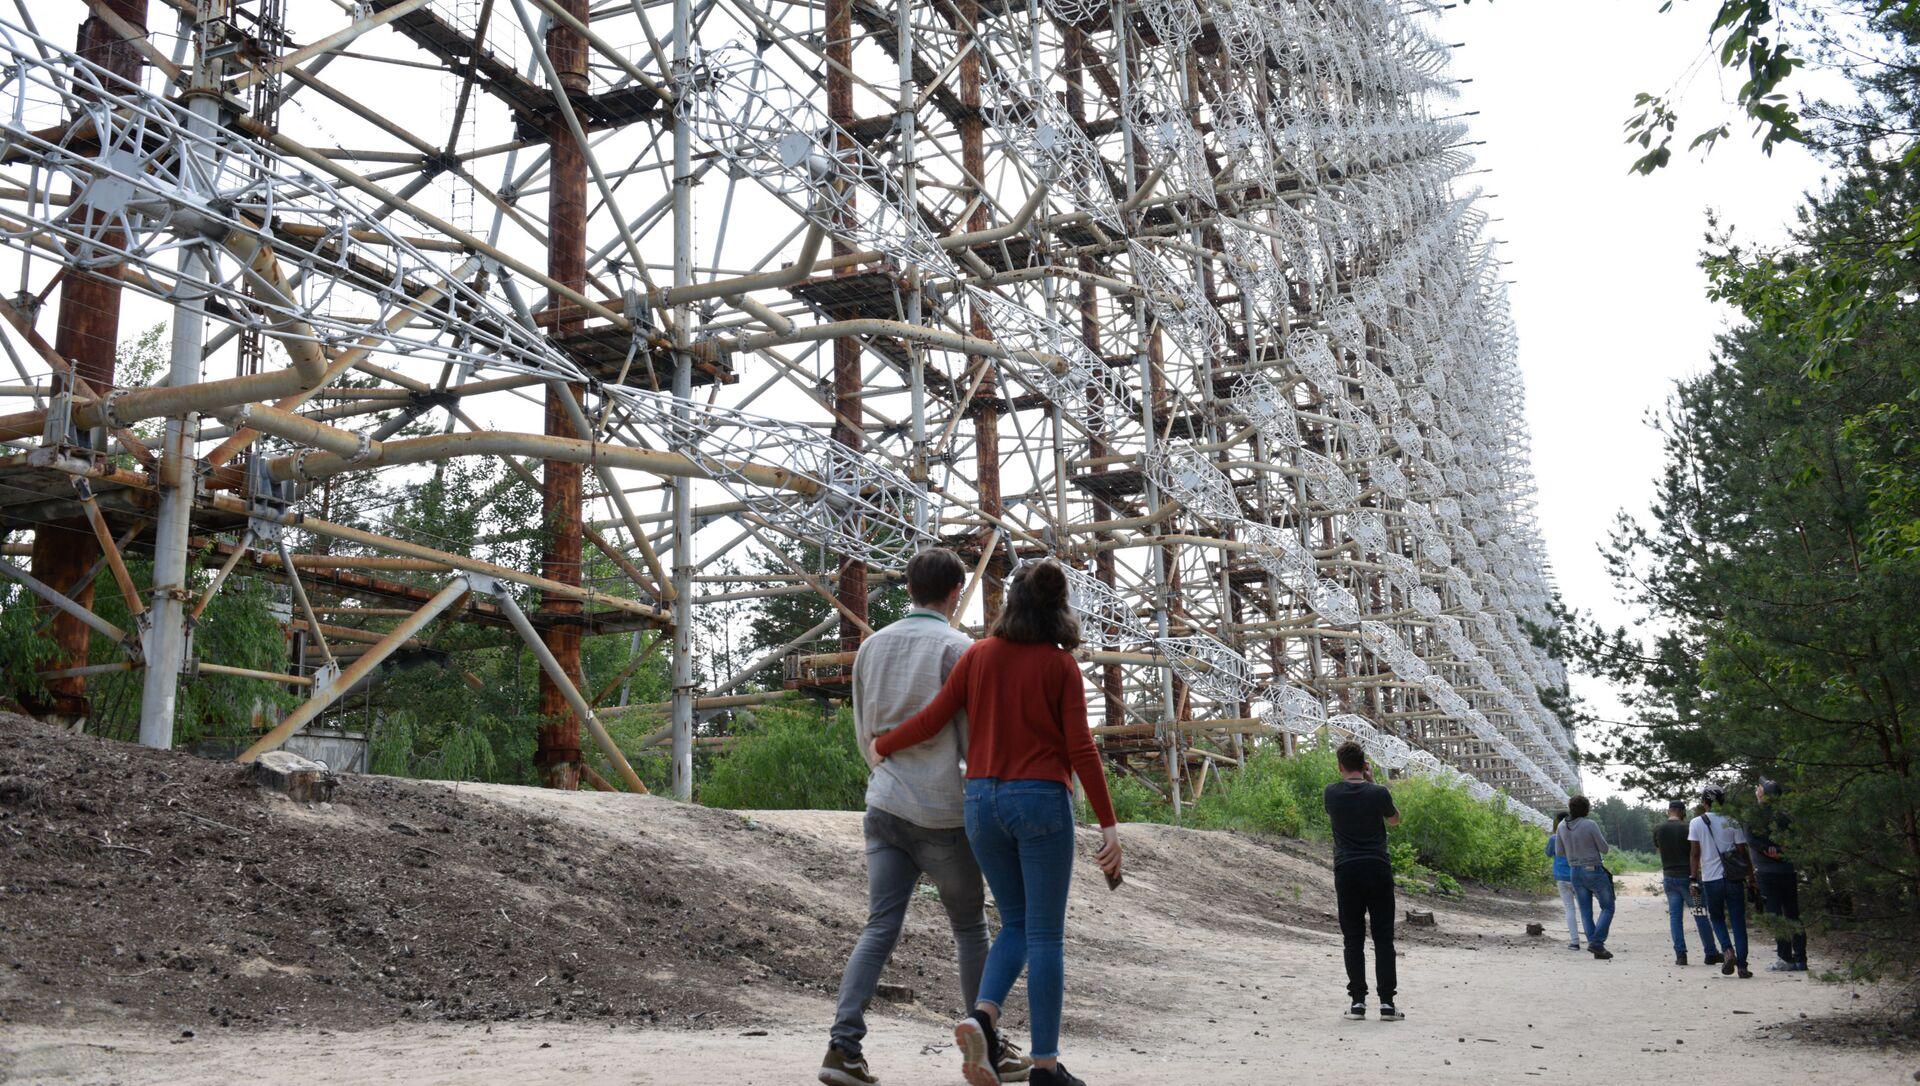 チェルノブイリ原発周辺の立ち入り禁止区域を訪れるツアーに参加する観光客 - Sputnik 日本, 1920, 19.09.2021